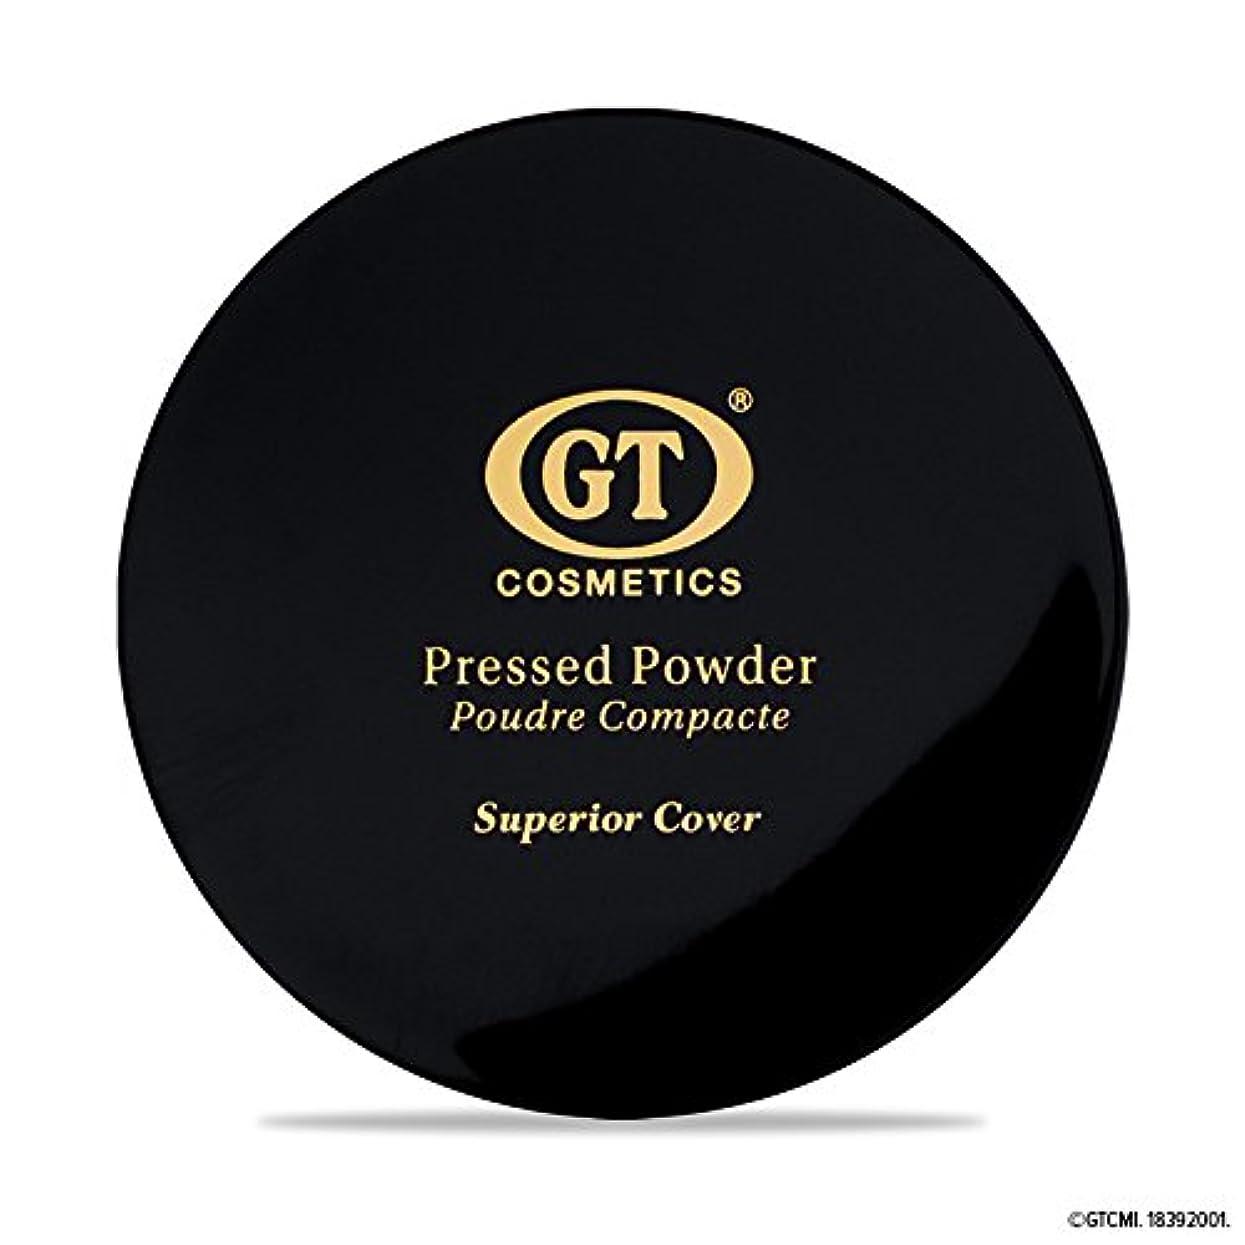 スマート観光に行く画家GTpressed powder ライトベージュ SPF20 正規輸入代理店 日本初上陸 コスメティック オーガニック ファンデーション